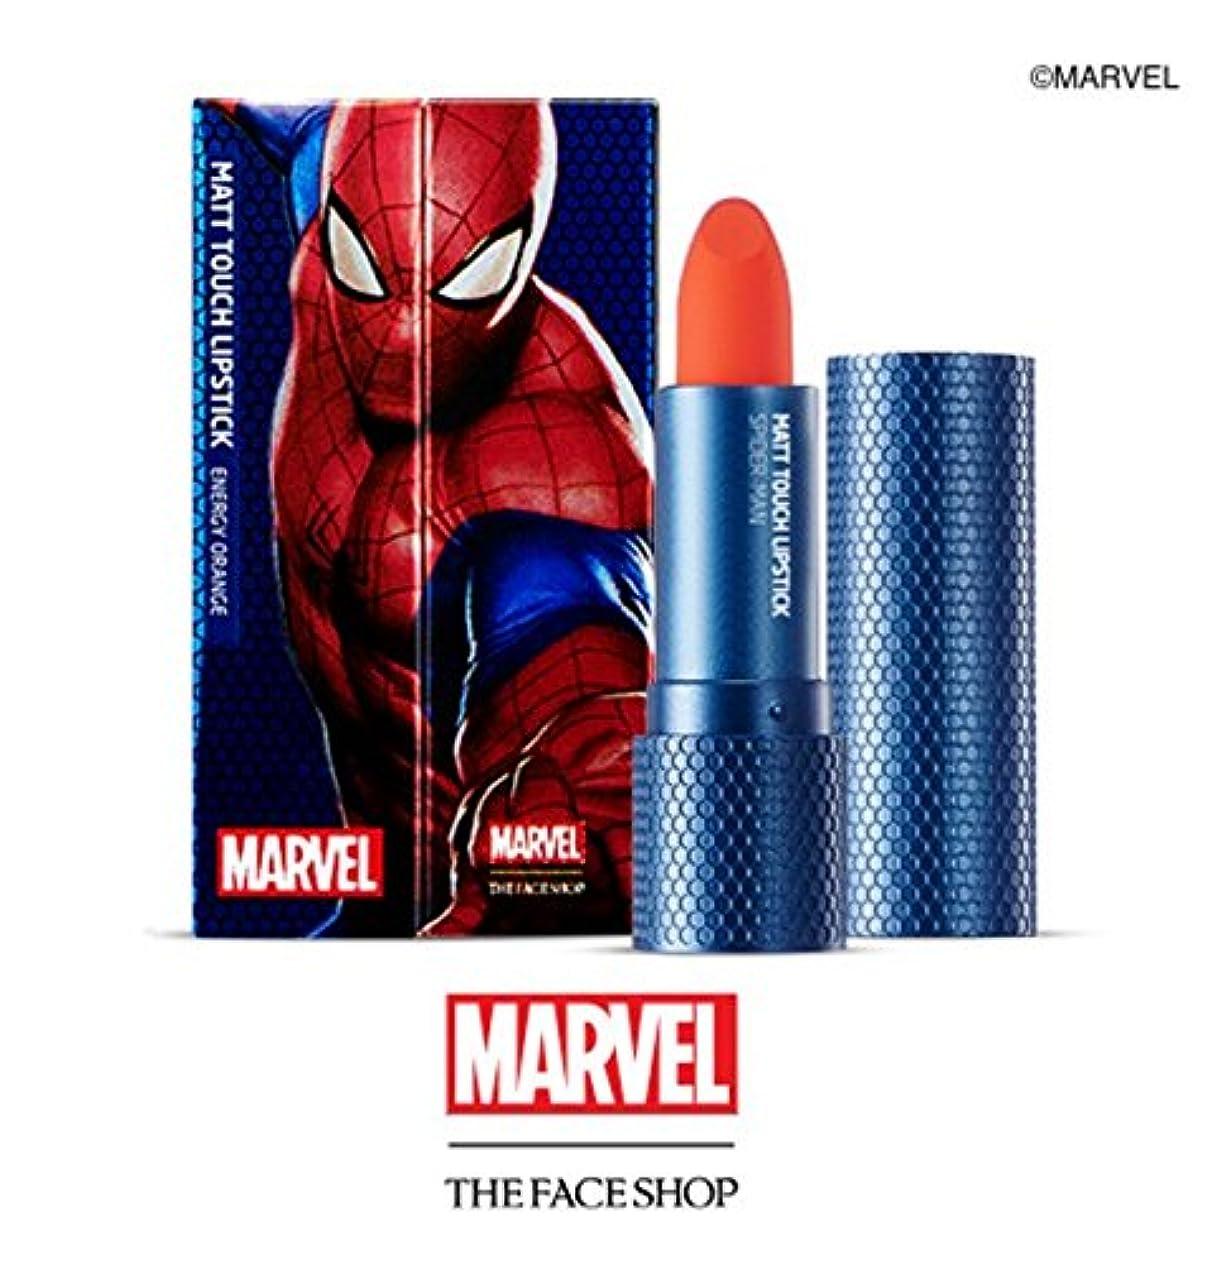 不利益見えるキリストTHE FACE SHOP マーベル限定版 マット タッチ リップスティック/MARVEL Edition Matt Touch Lipstictk (OR02) [並行輸入品]